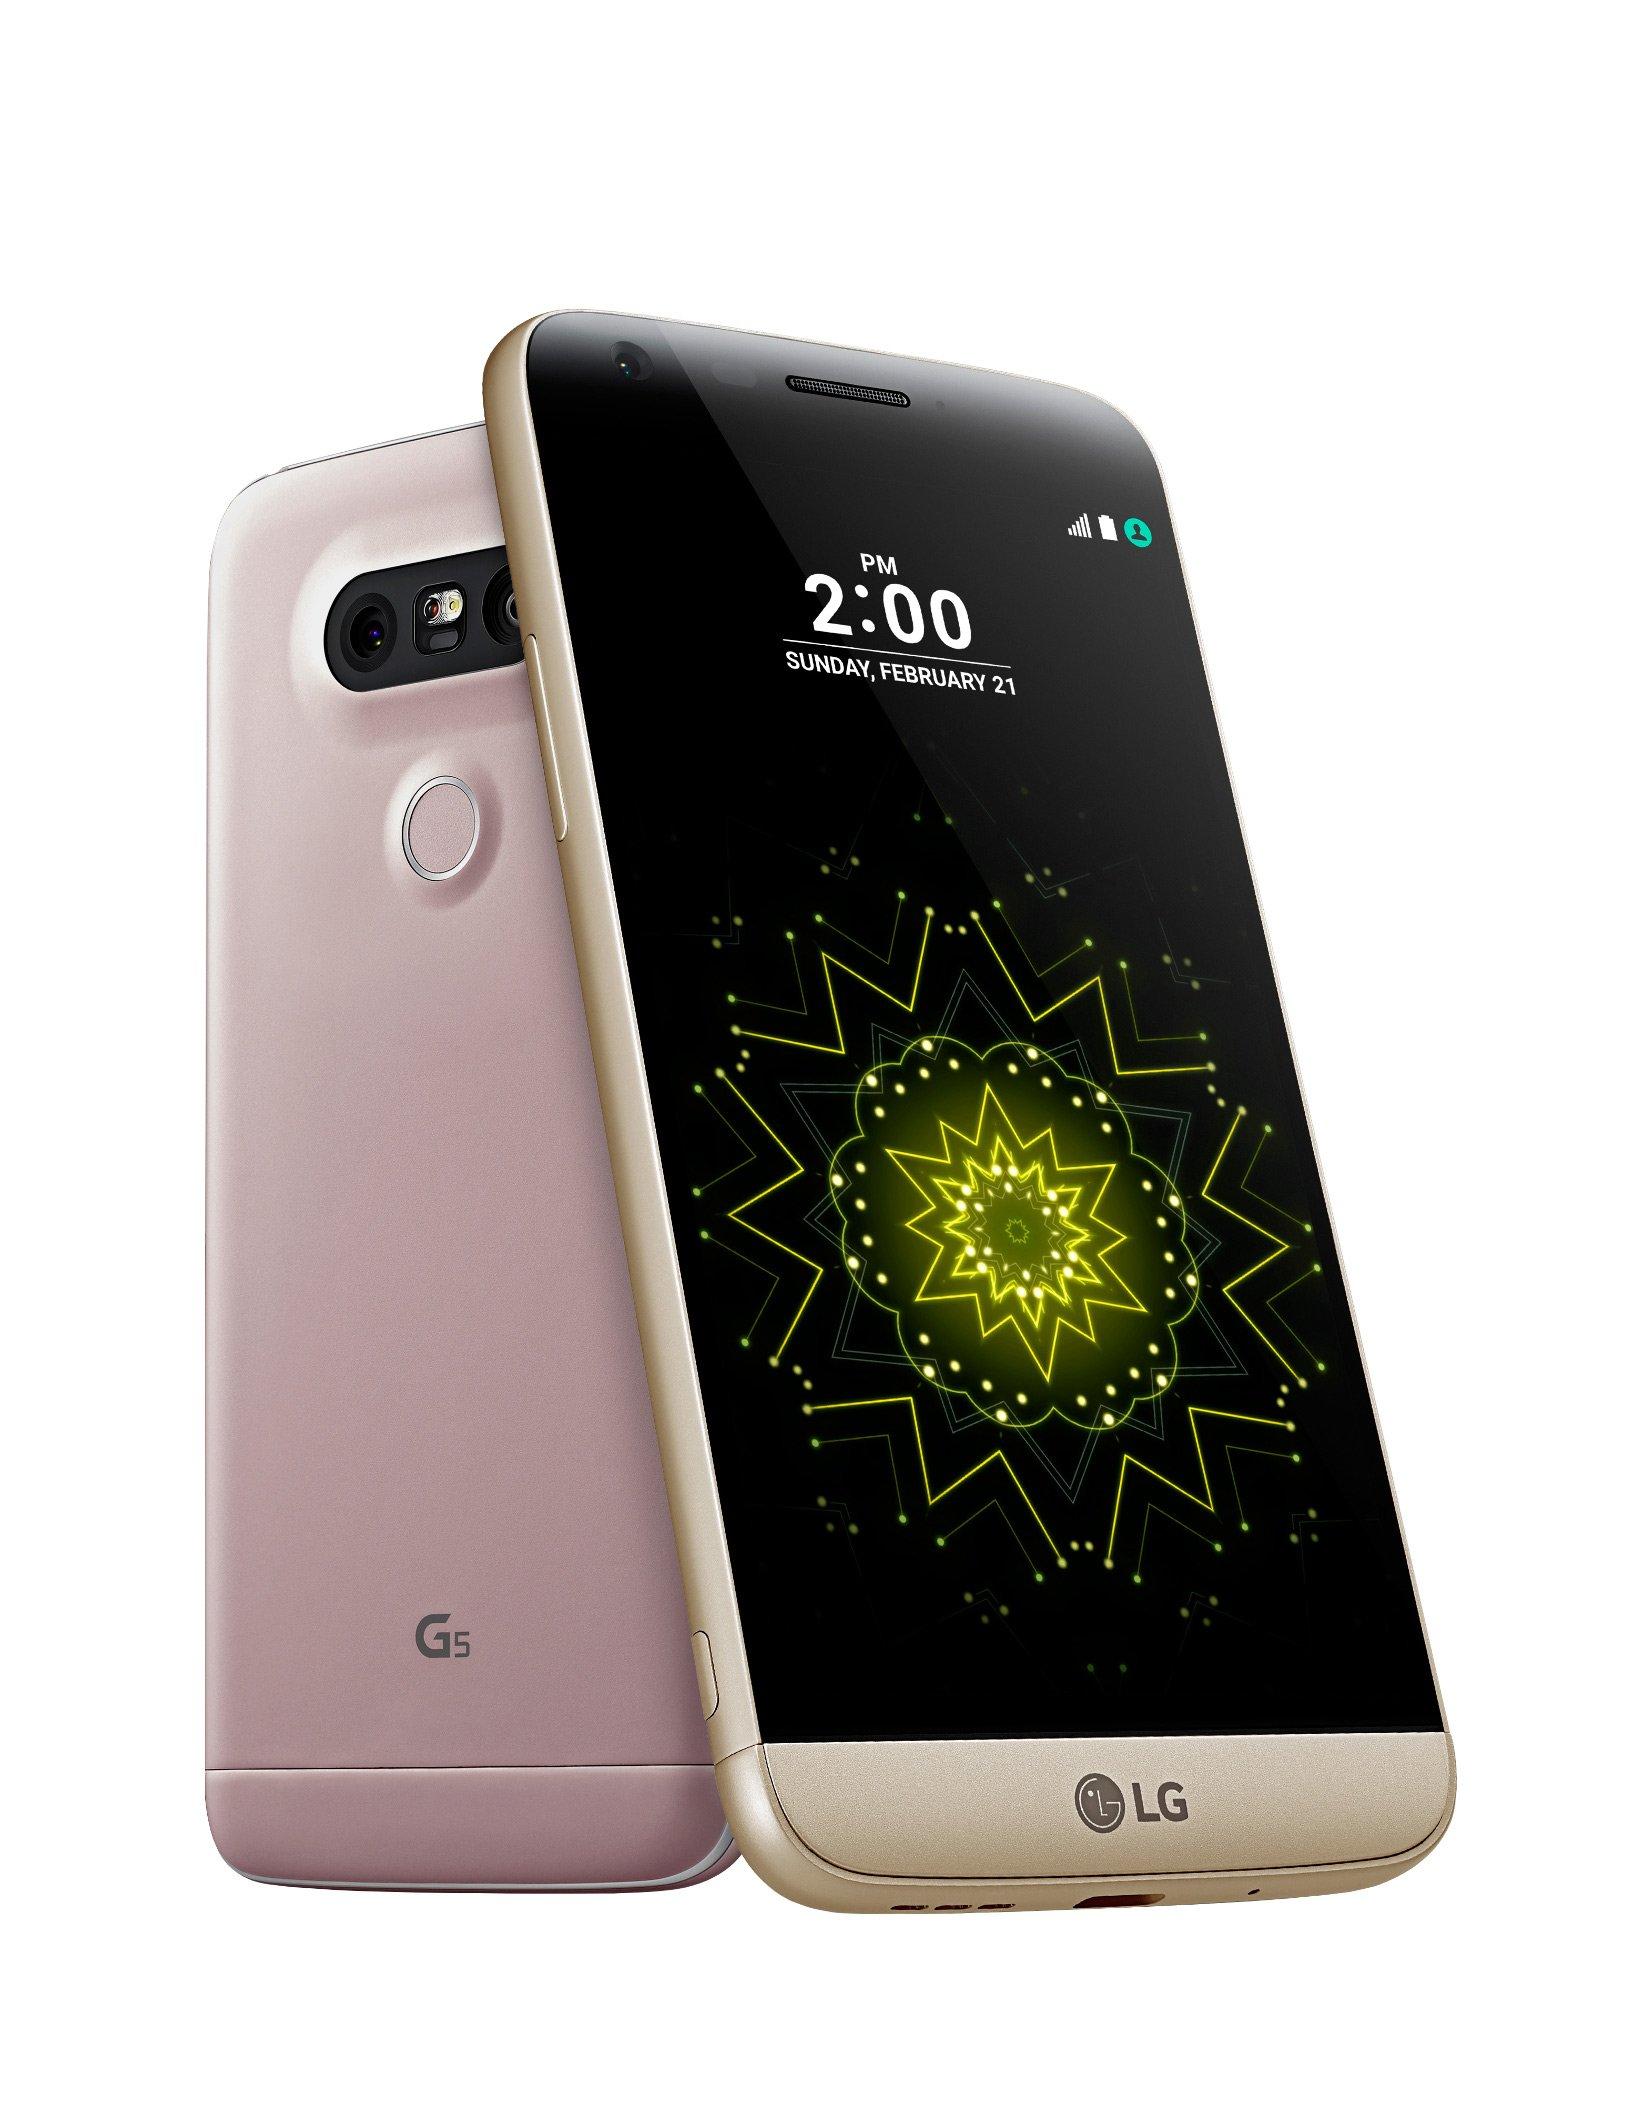 LG G5 w końcu oficjalnie! Wymienna bateria i dodatkowe moduły stają się faktem 22